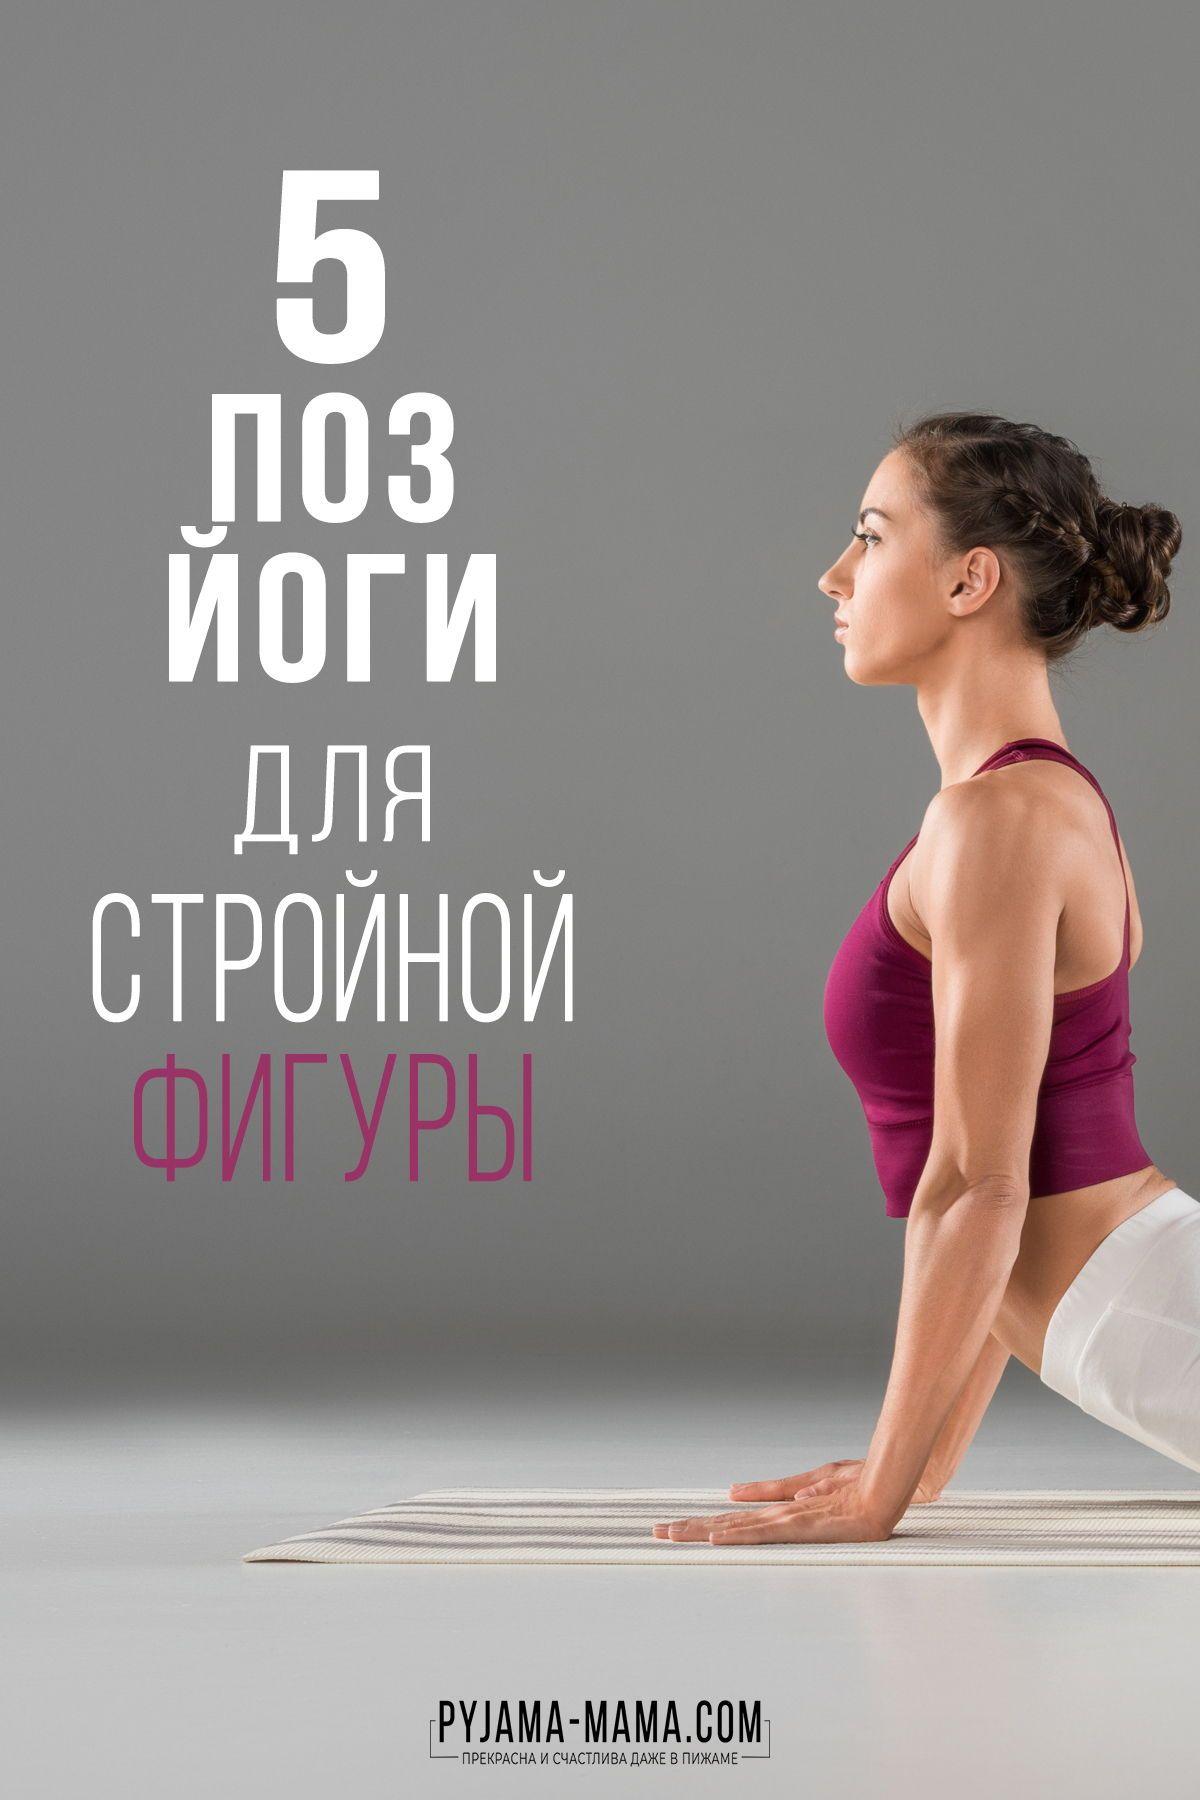 Асаны йоги для похудения в картинках. Особенности йоги для.